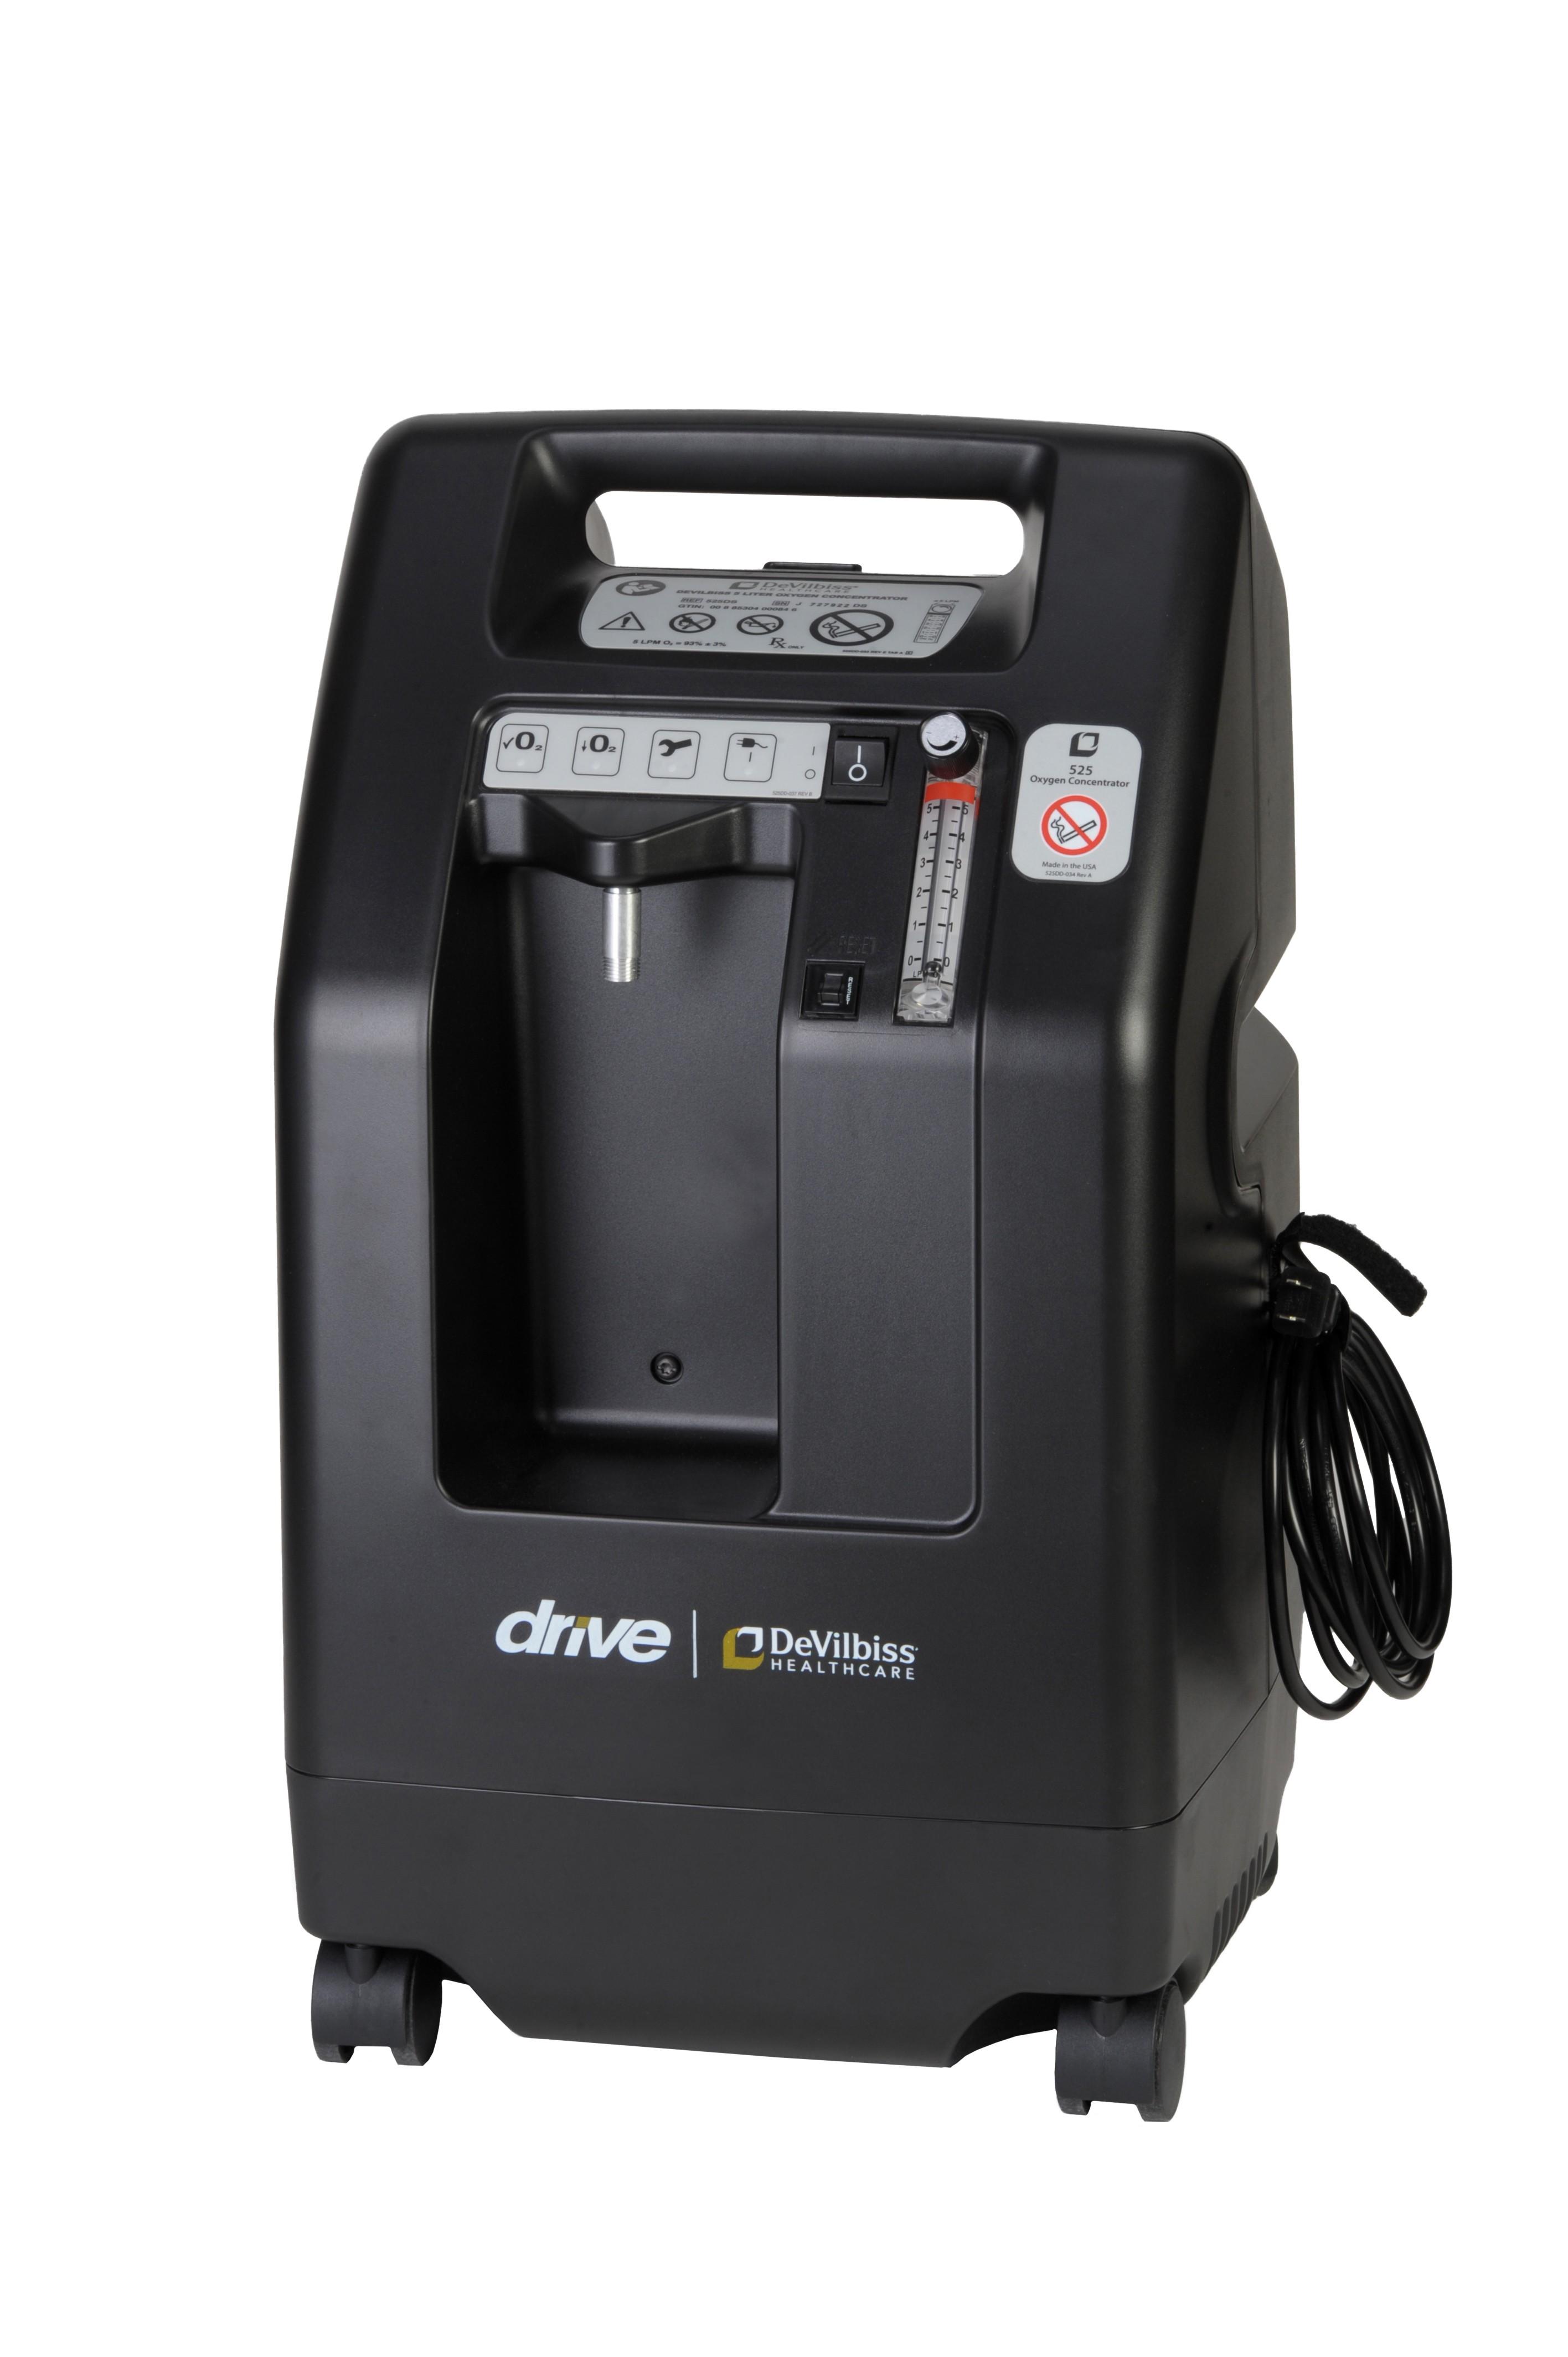 DeVilbiss 5 Liter Home Oxygen Concentrator